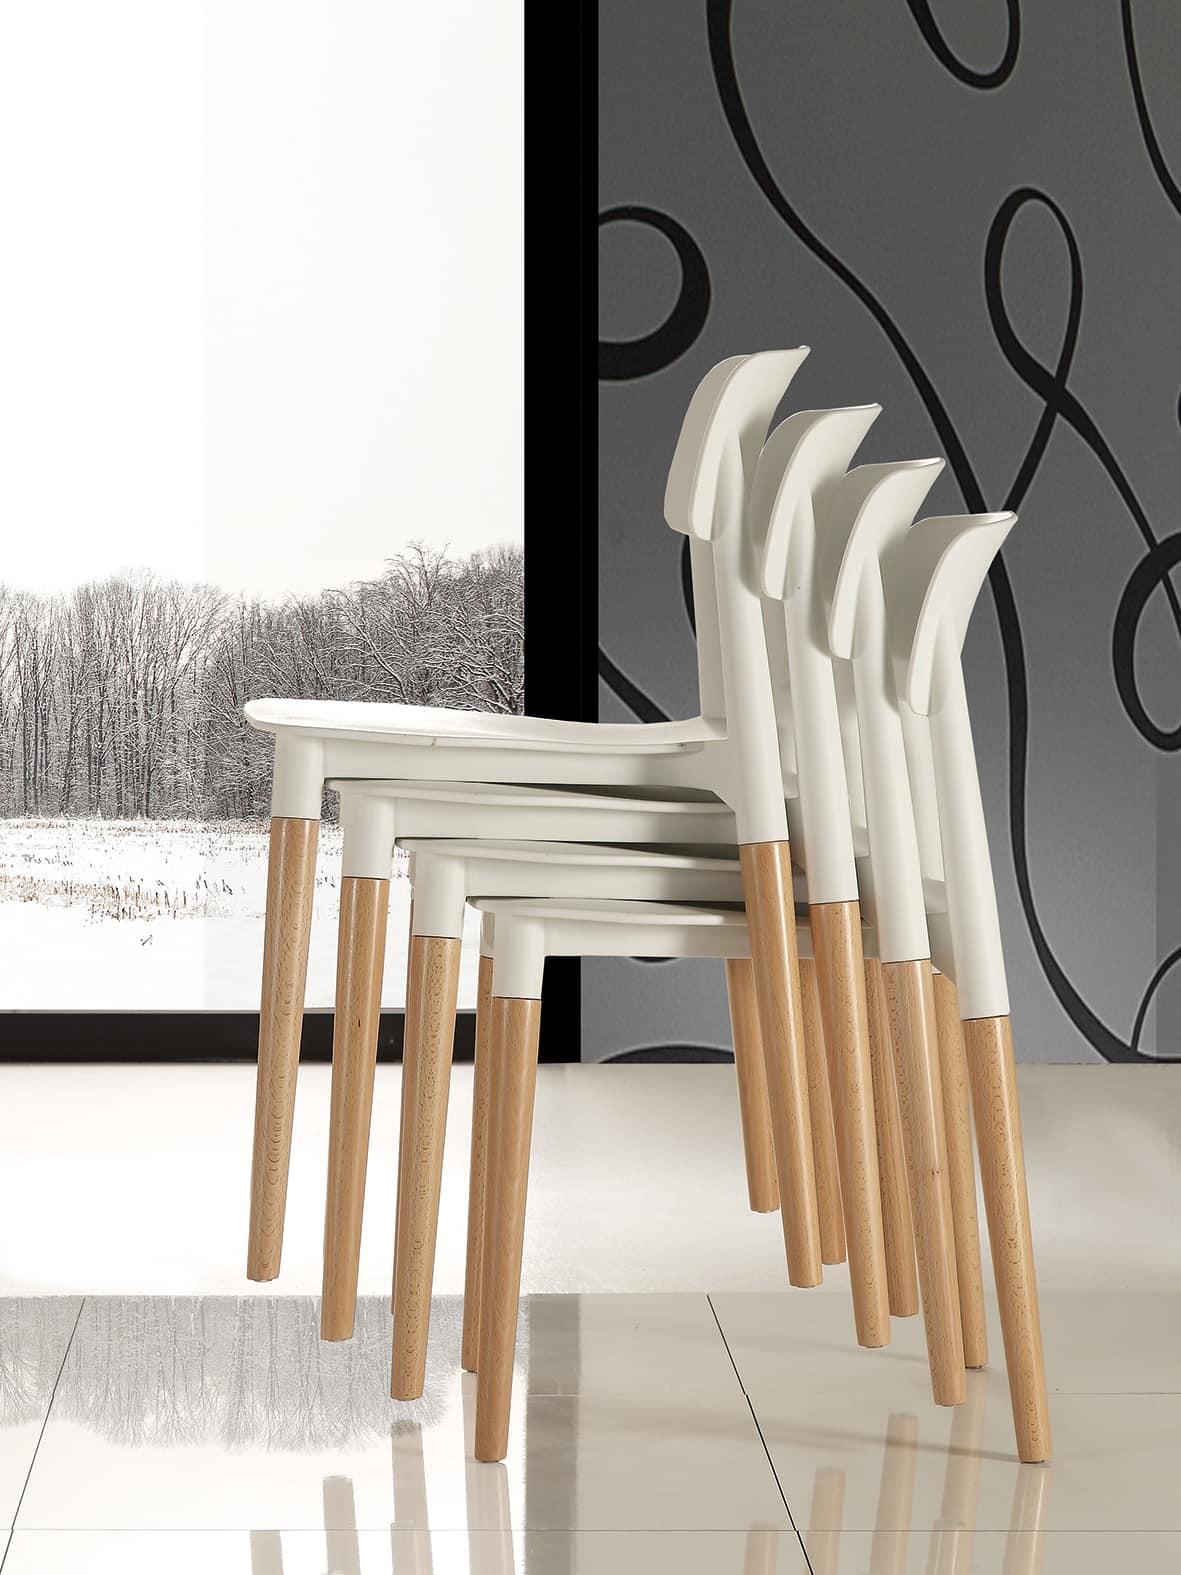 Art. 024 Artika Sedia Con Struttura In Legno #8A6541 1181 1575 Sedie Moderne Con Gambe In Legno